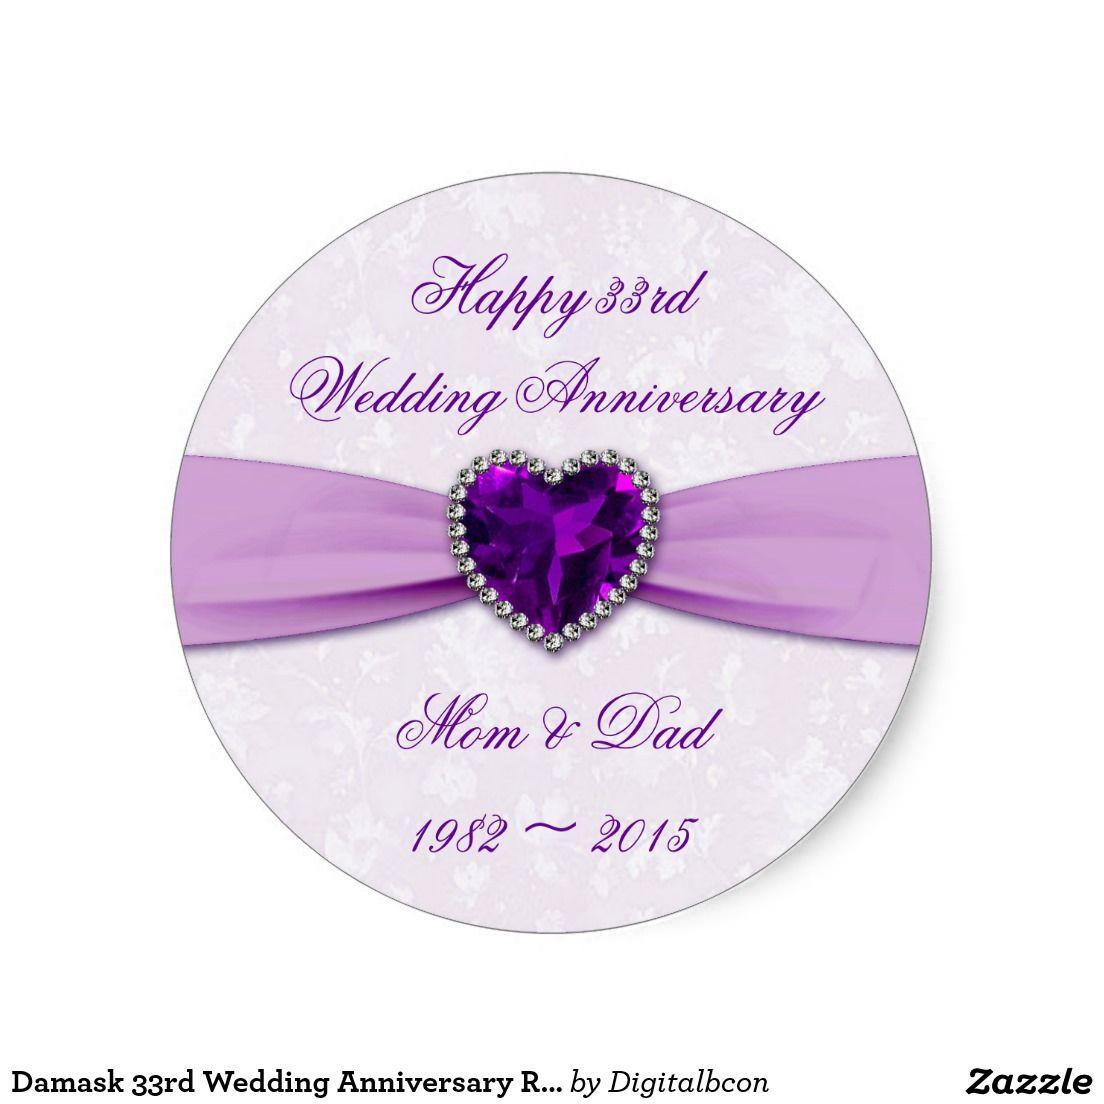 Damask 33rd Wedding Anniversary Round Sticker 33rd Wedding